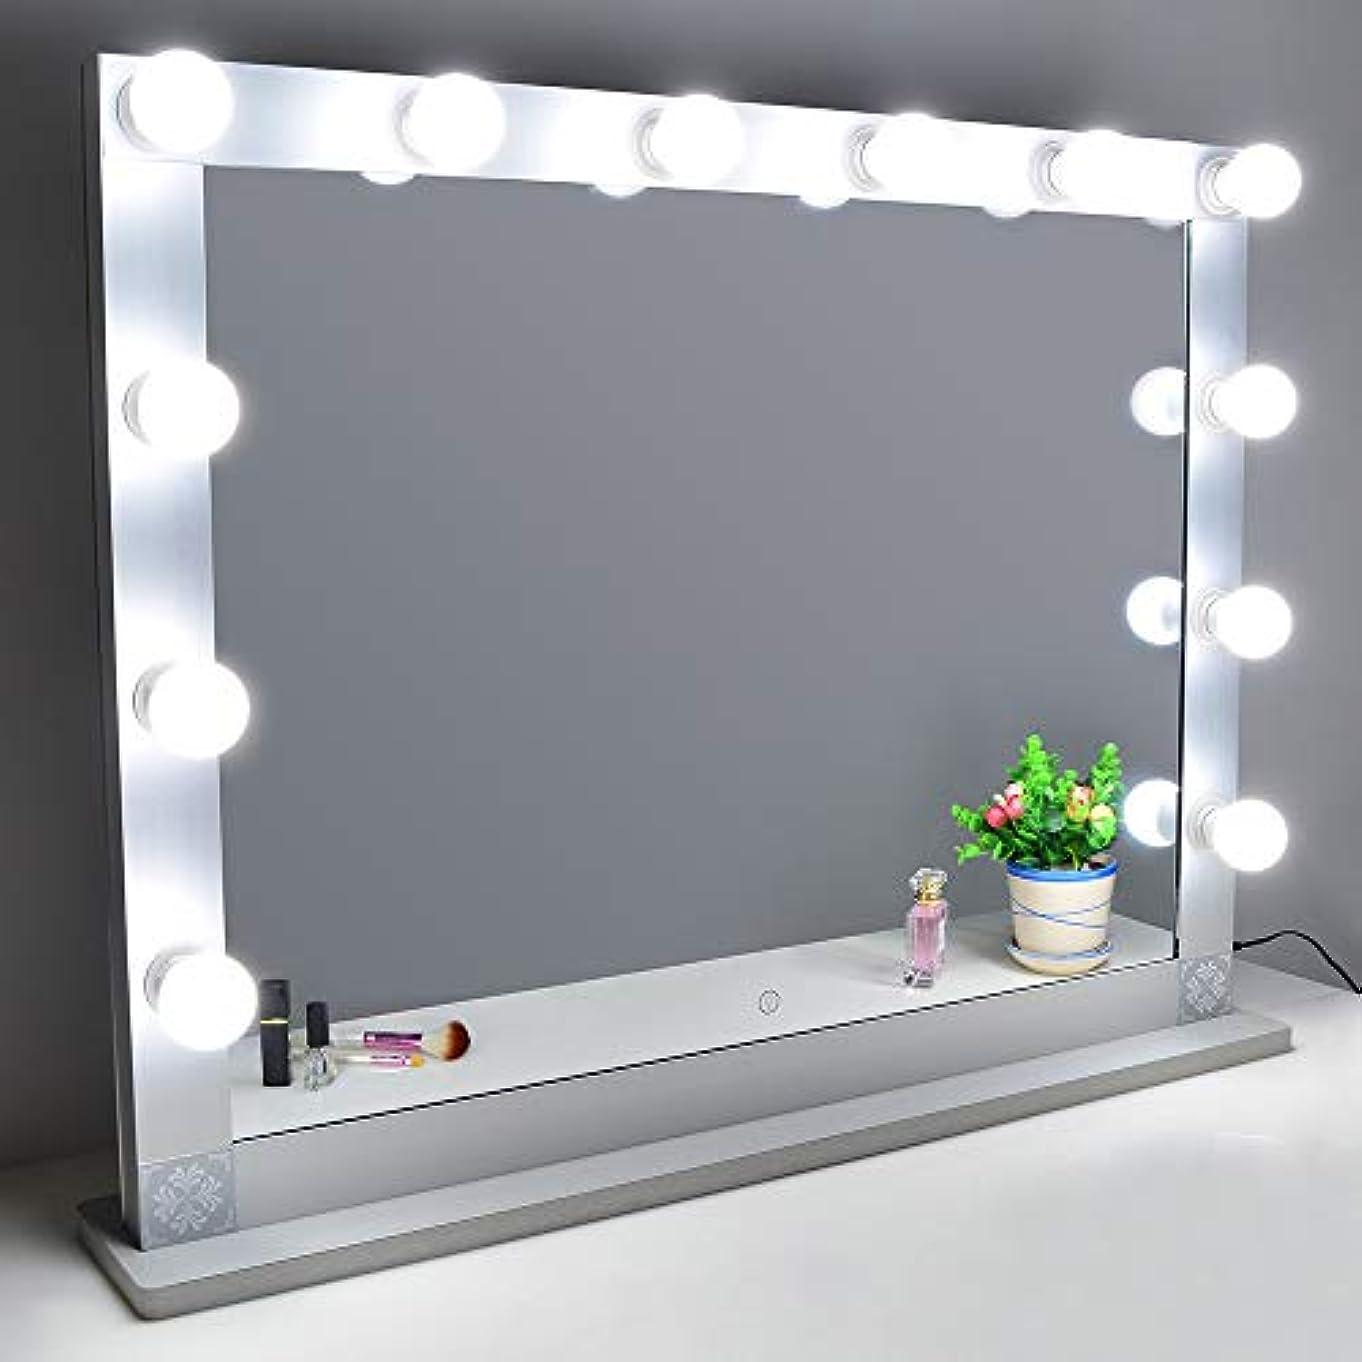 親密な贅沢Nitin 女優ミラー 大型化粧鏡 ハリウッドミラー 12個LED電球付き 無段階調光 スタンド付き USB差込口付き 卓上ミラー 女優ライト ドレッサー/化粧台に適用(85*66.5cm)